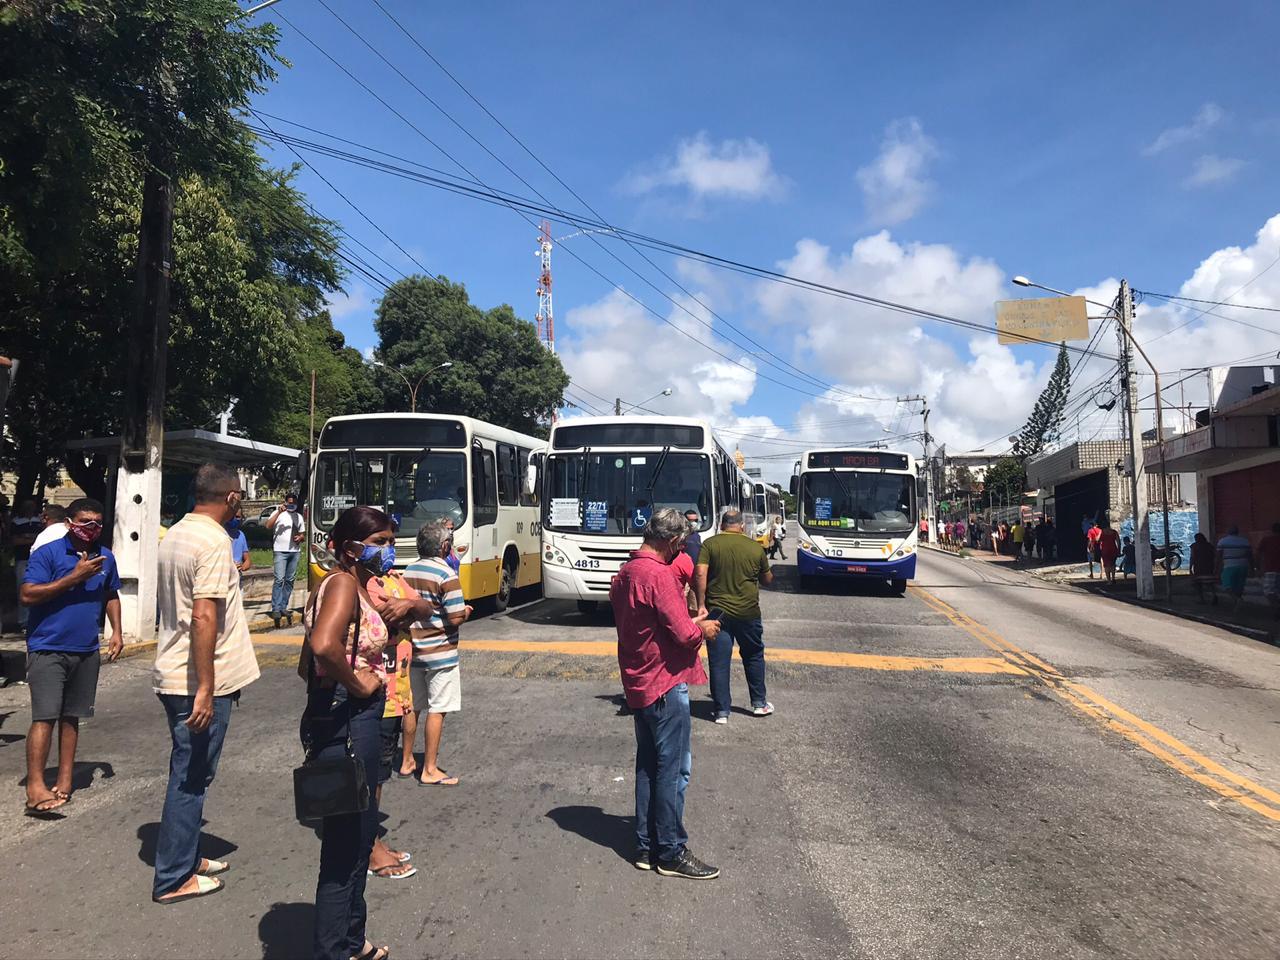 Natal: Greve dos rodoviários começa na sexta-feira, com frota de emergência disponível